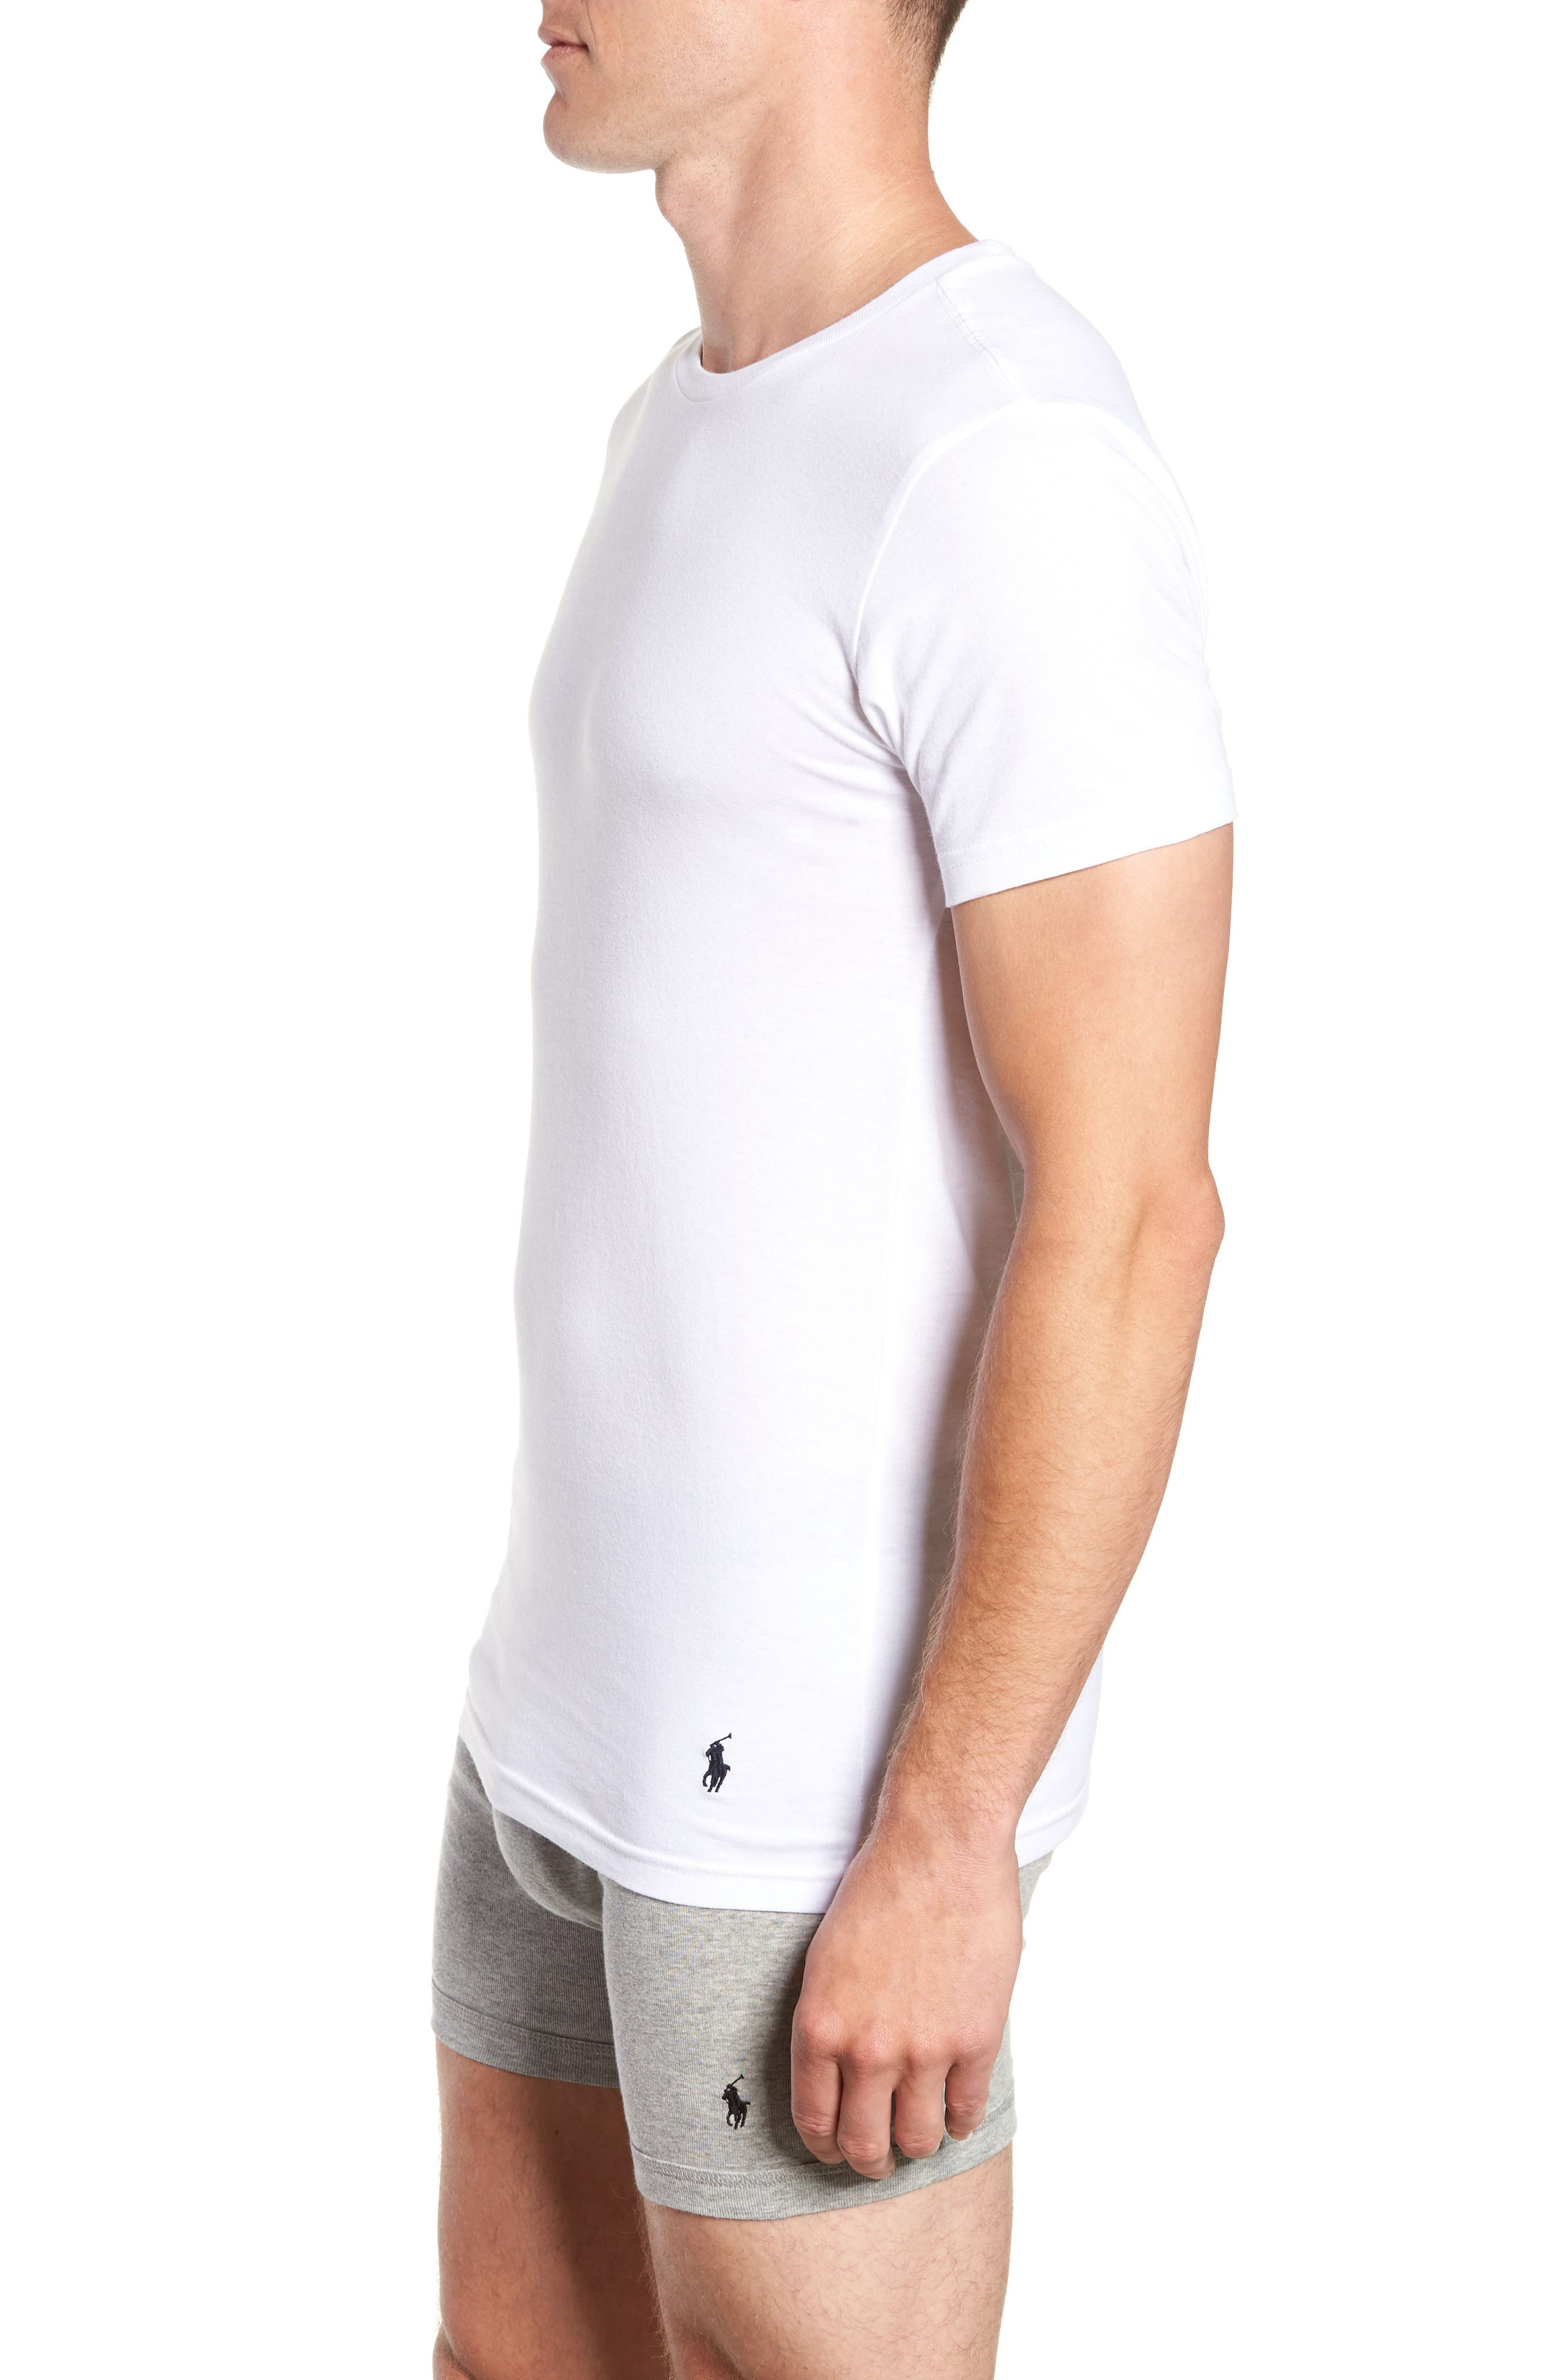 LAUREN RALPH LAUREN, Polo Ralph Lauren 3-Pack Slim Fit Crewneck T-Shirts, Alternate thumbnail 4, color, WHITE